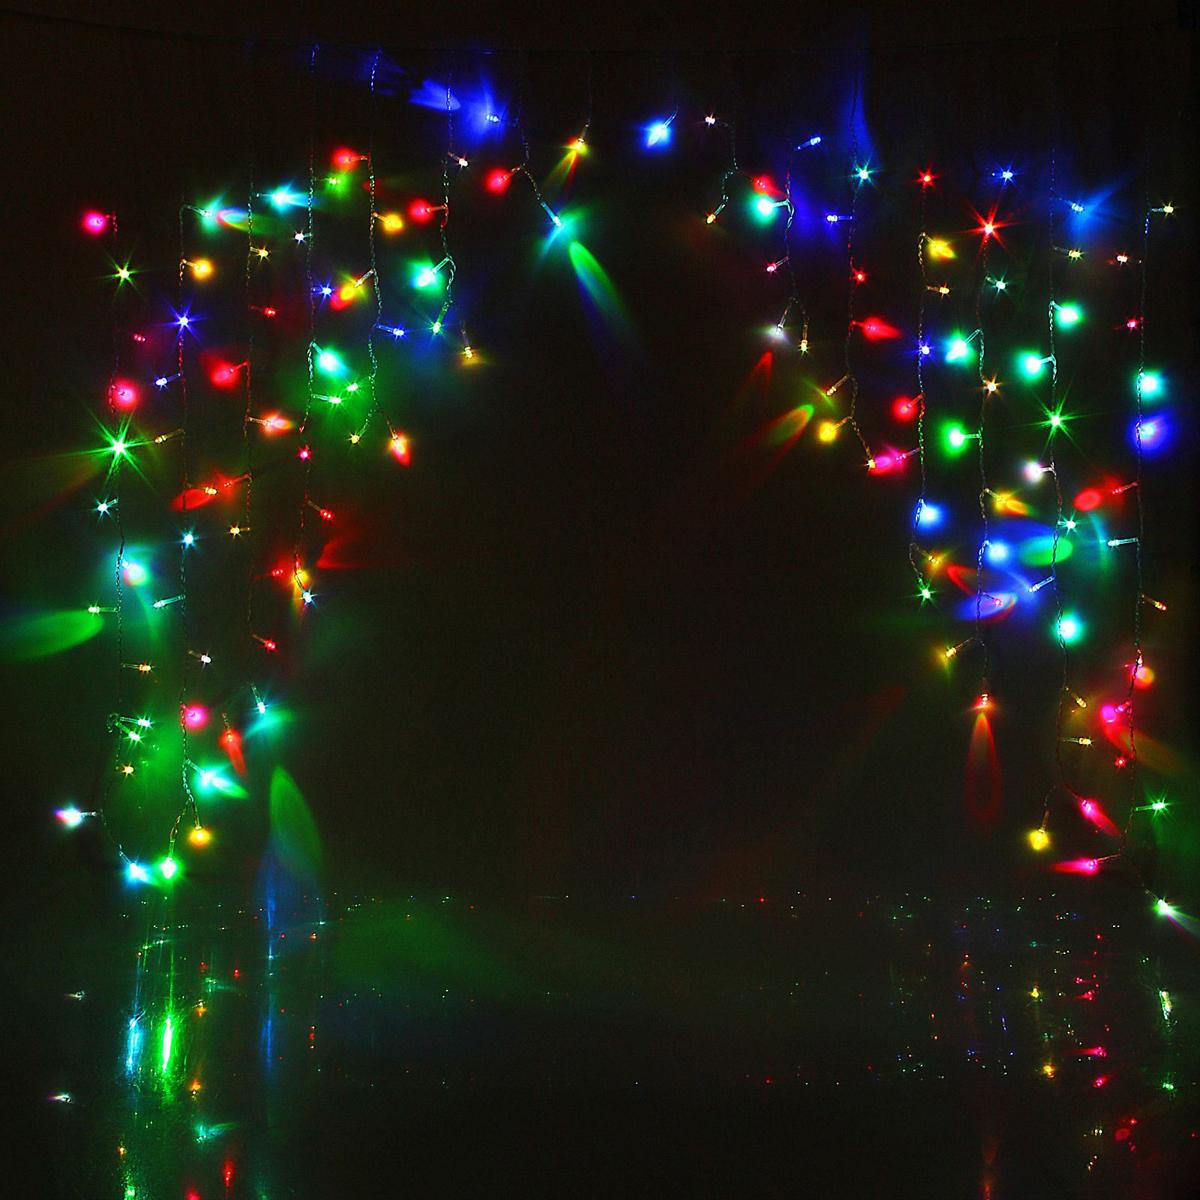 Гирлянда светодиодная Luazon Бахрома. Арка, моргает, 126 ламп, 220 V, цвет: мультиколор, 1 х 1 м. 10804371080437Светодиодные гирлянды, ленты и т.д — это отличный вариант для новогоднего оформления интерьера или фасада. С их помощью помещение любого размера можно превратить в праздничный зал, а внешние элементы зданий, украшенные ими, мгновенно станут напоминать очертания сказочного дворца. Такие украшения создают ауру предвкушения чуда. Деревья, фасады, витрины, окна и арки будто специально созданы, чтобы вы украсили их светящимися нитями.